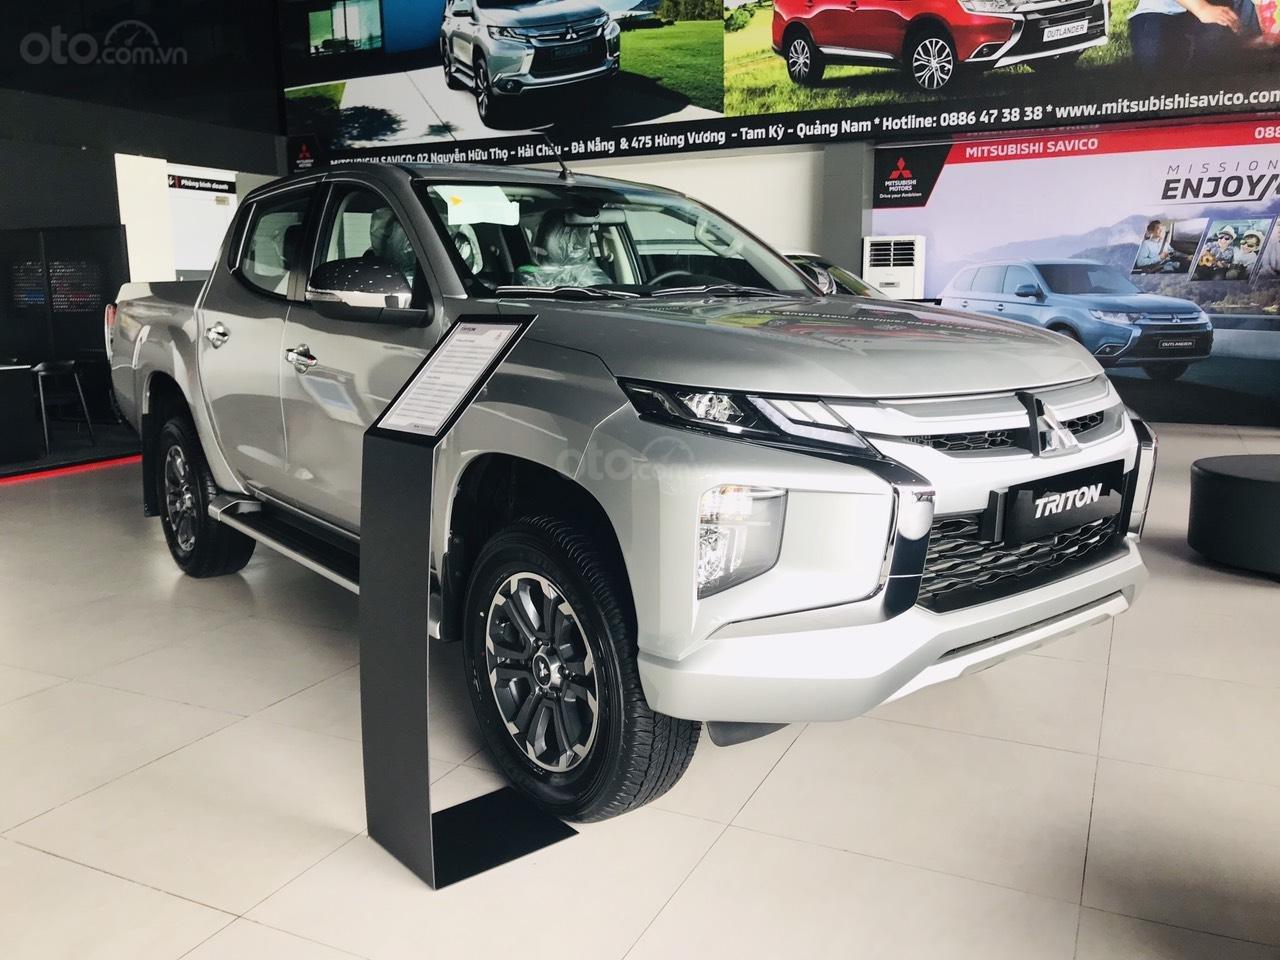 Mitsubishi Triton 2020 ông vua bán tải mới (1)